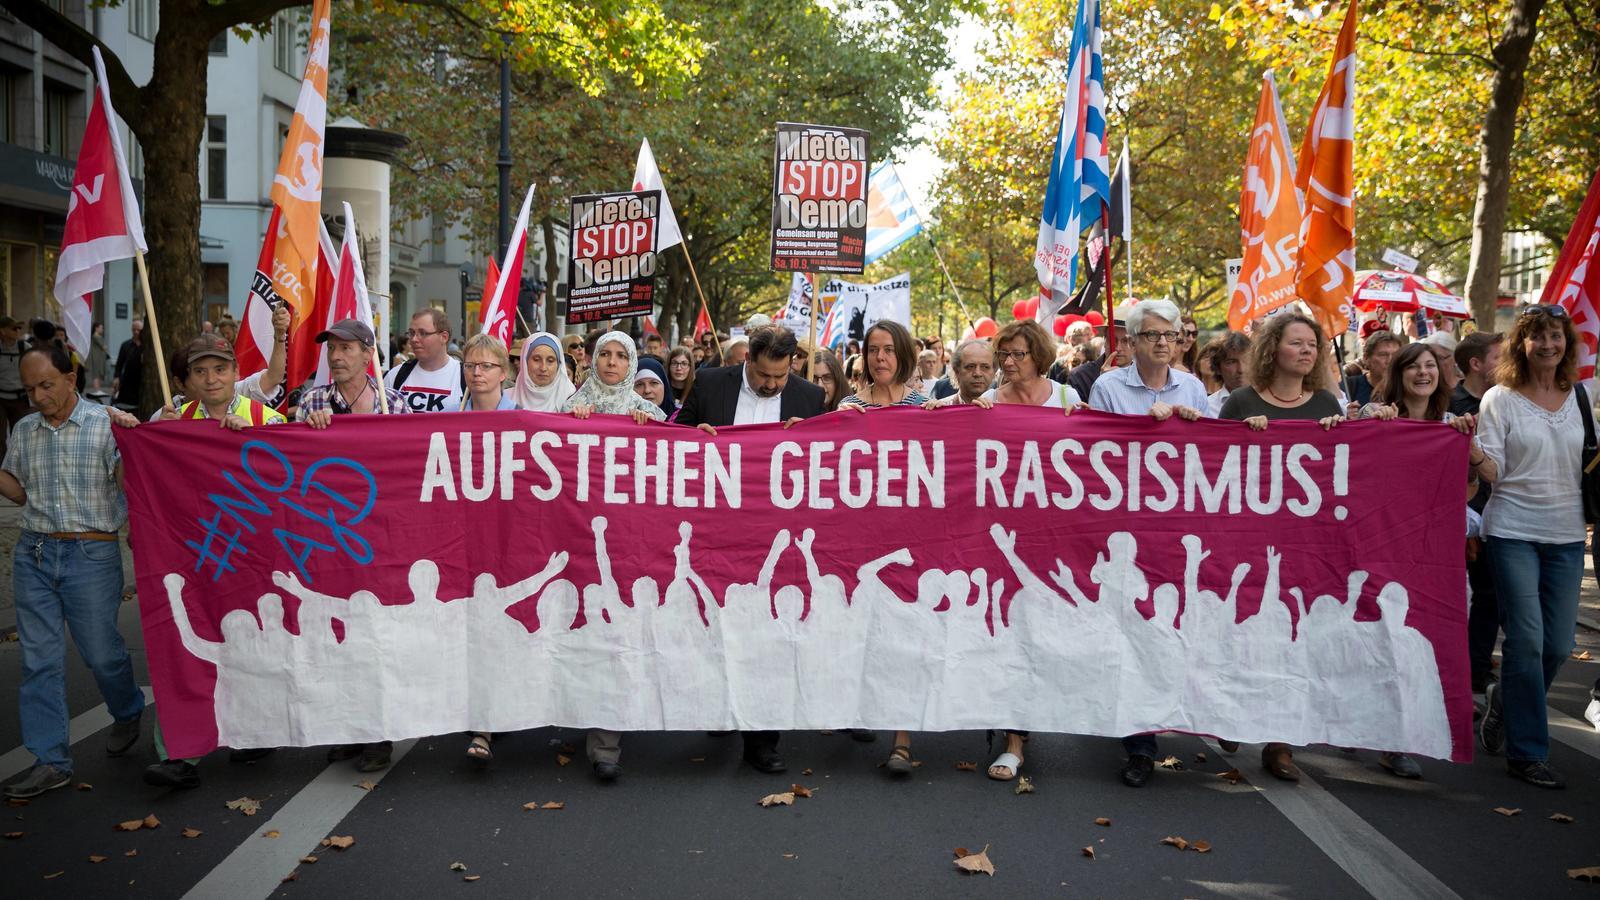 Demo Aufstehen gegen Rassismus Mehrere tausend Menschen beteiligen sich in Berlin an einer Demonstra